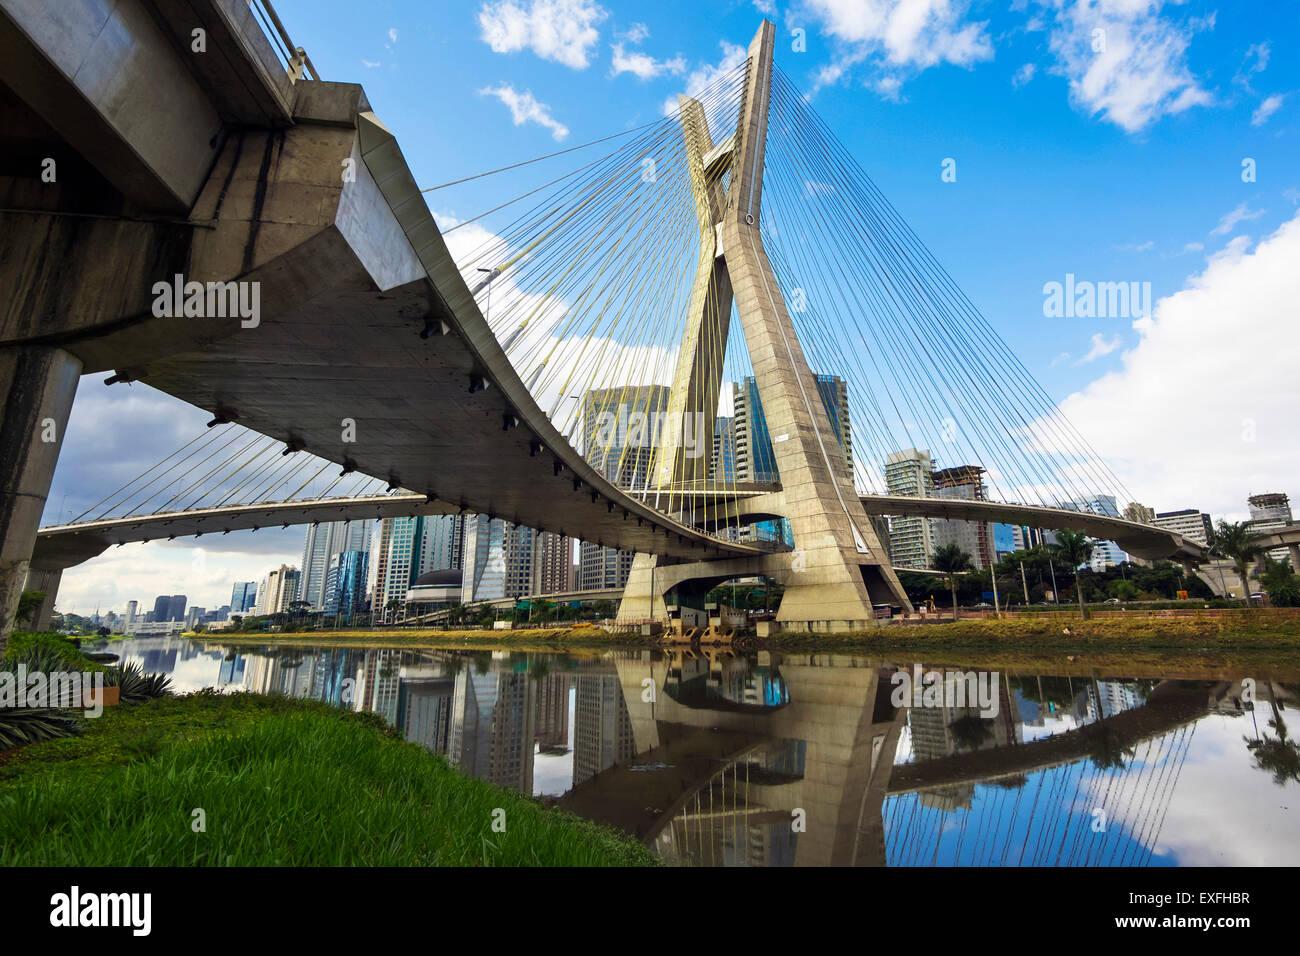 El Puente Octavio Frias de Oliveira, o Ponte Estaiada, en Sao Paulo, Brasil. Imagen De Stock